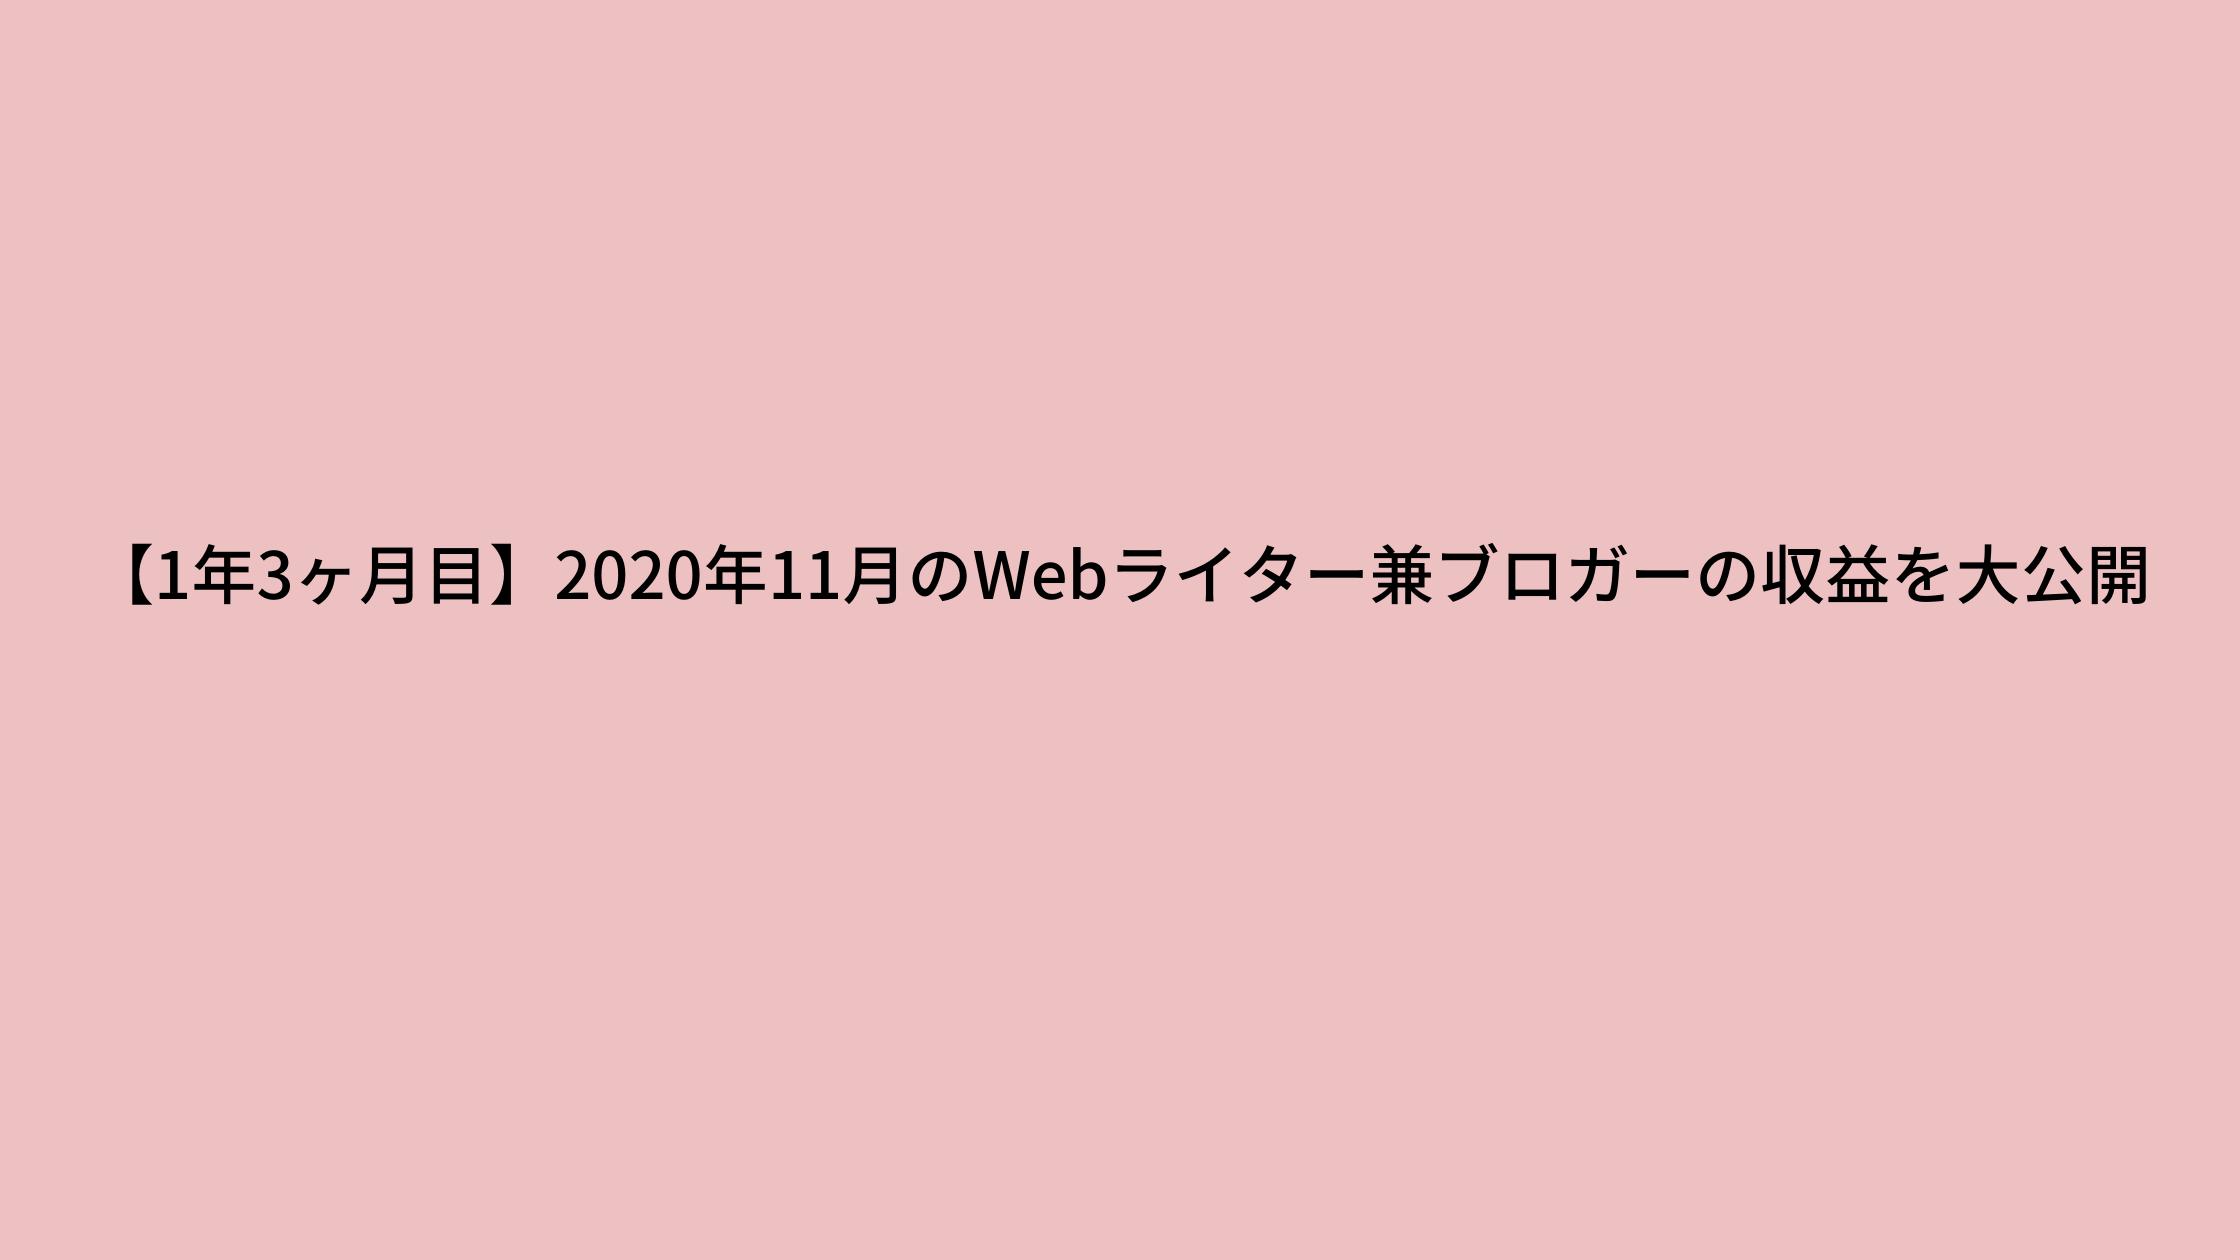 【1年3ヶ月目】2020年11月のWebライター兼ブロガーの収益を大公開